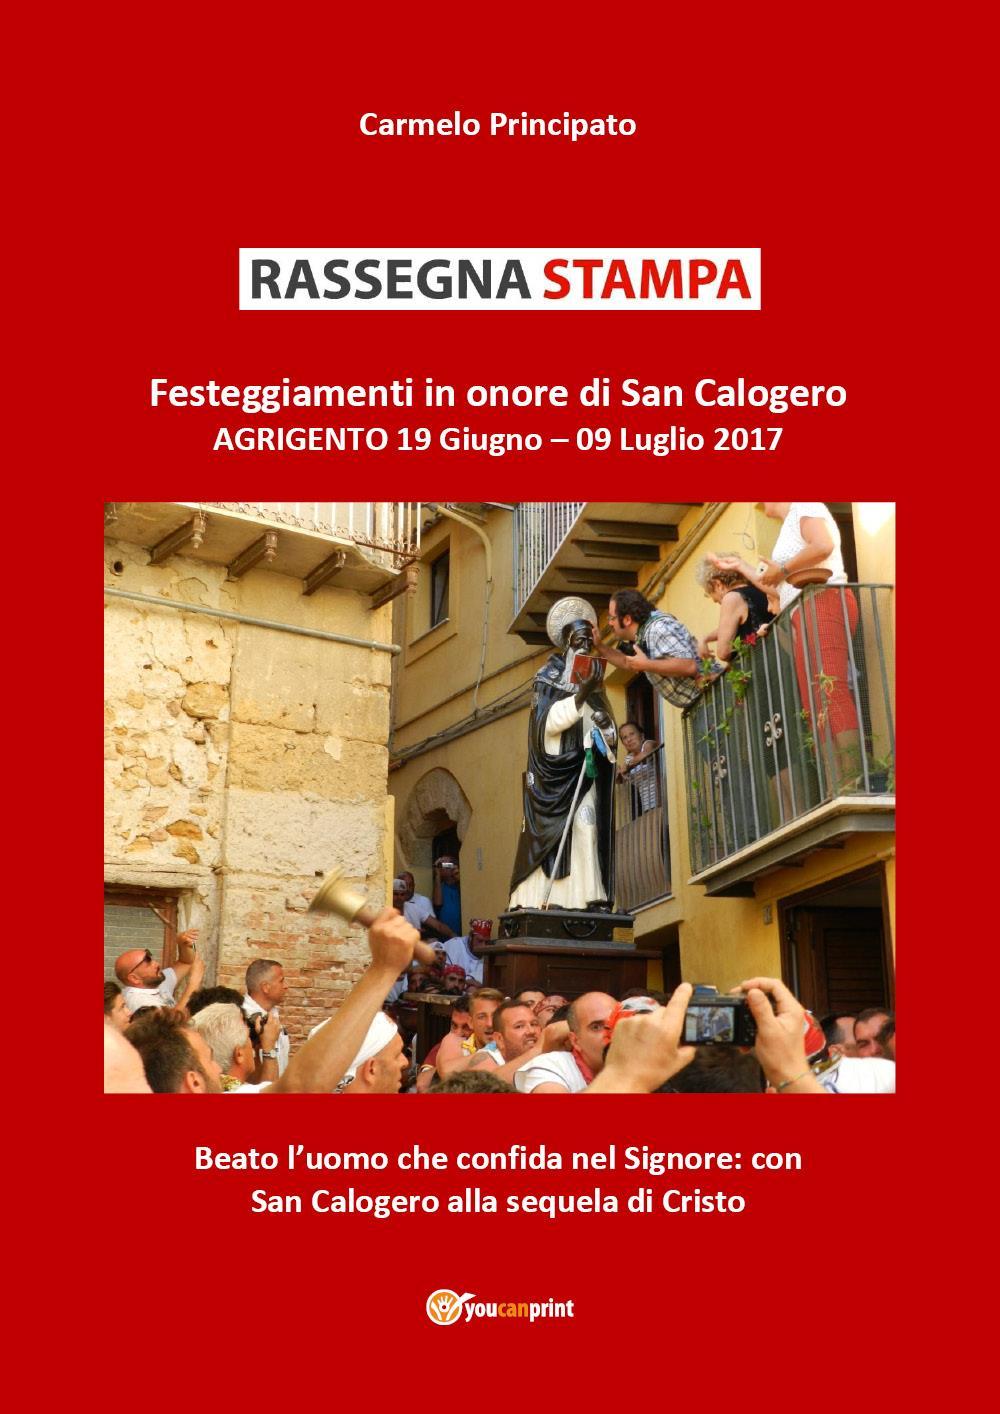 RASSEGNA STAMPA Festeggiamenti in onore di San Calogero Agrigento 19 Giugno - 09 Luglio 2017